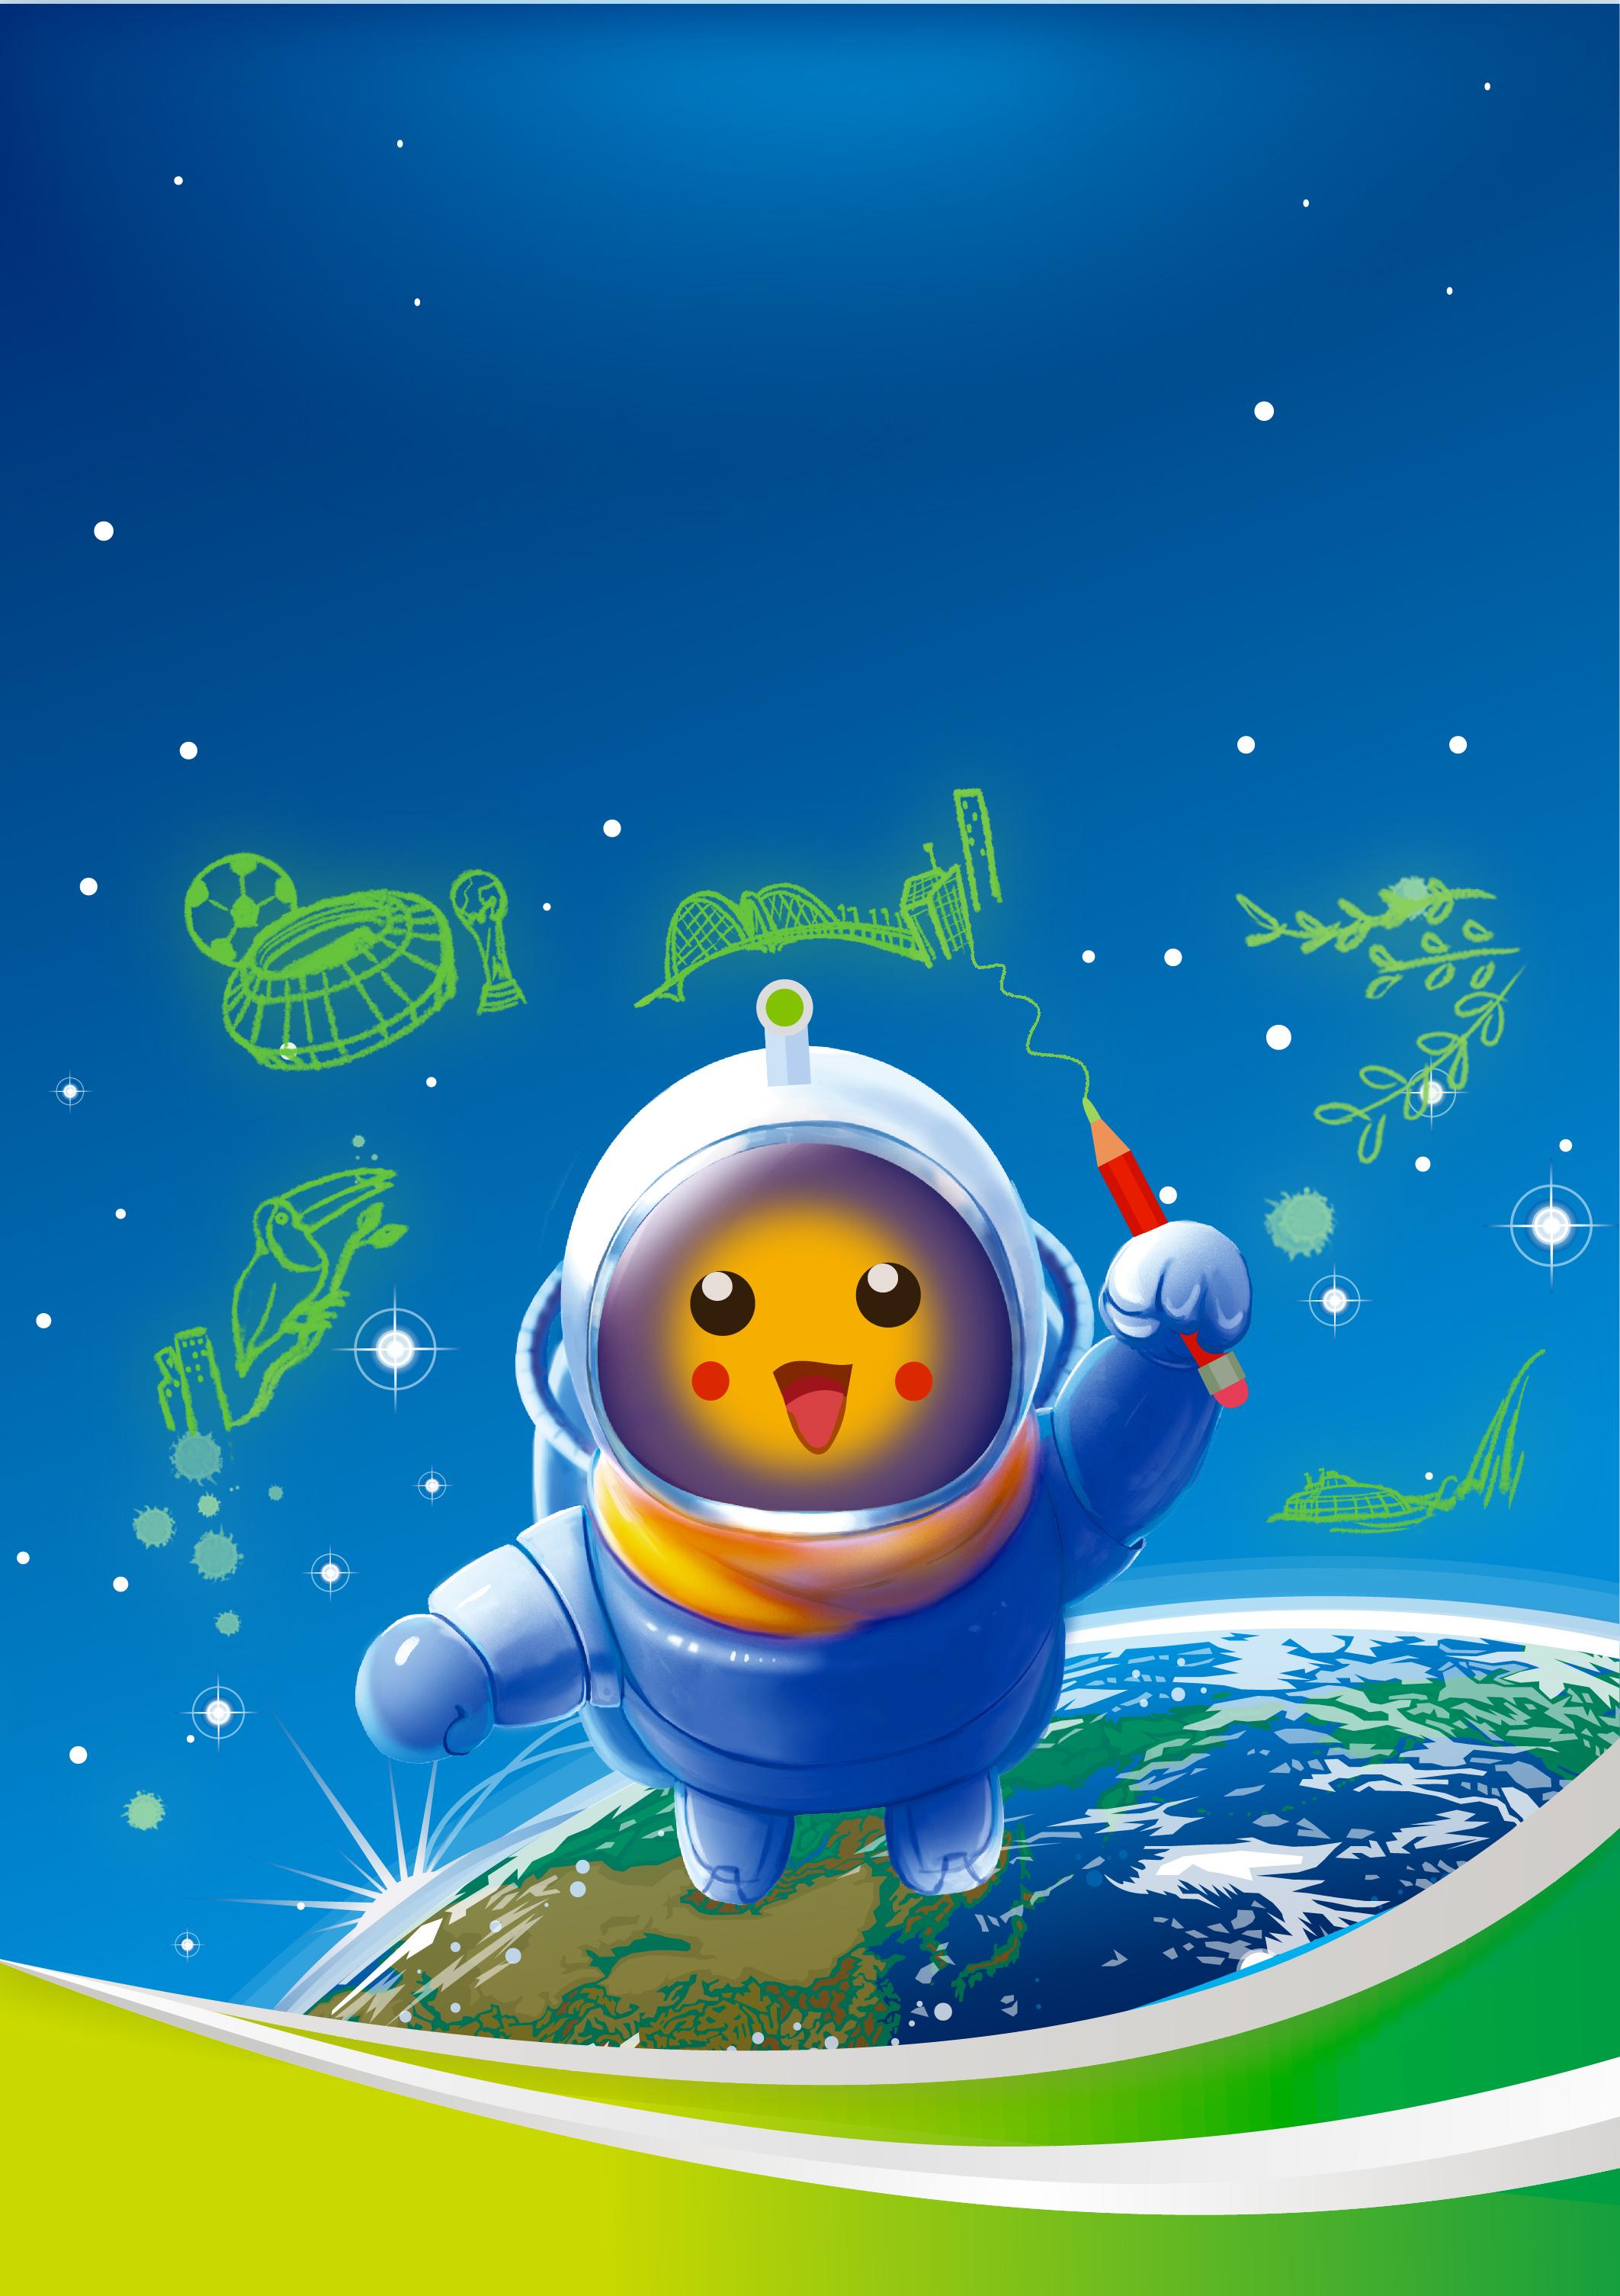 petit astronaute dessin de l espace astronaute image de fond pour le t u00e9l u00e9chargement gratuit